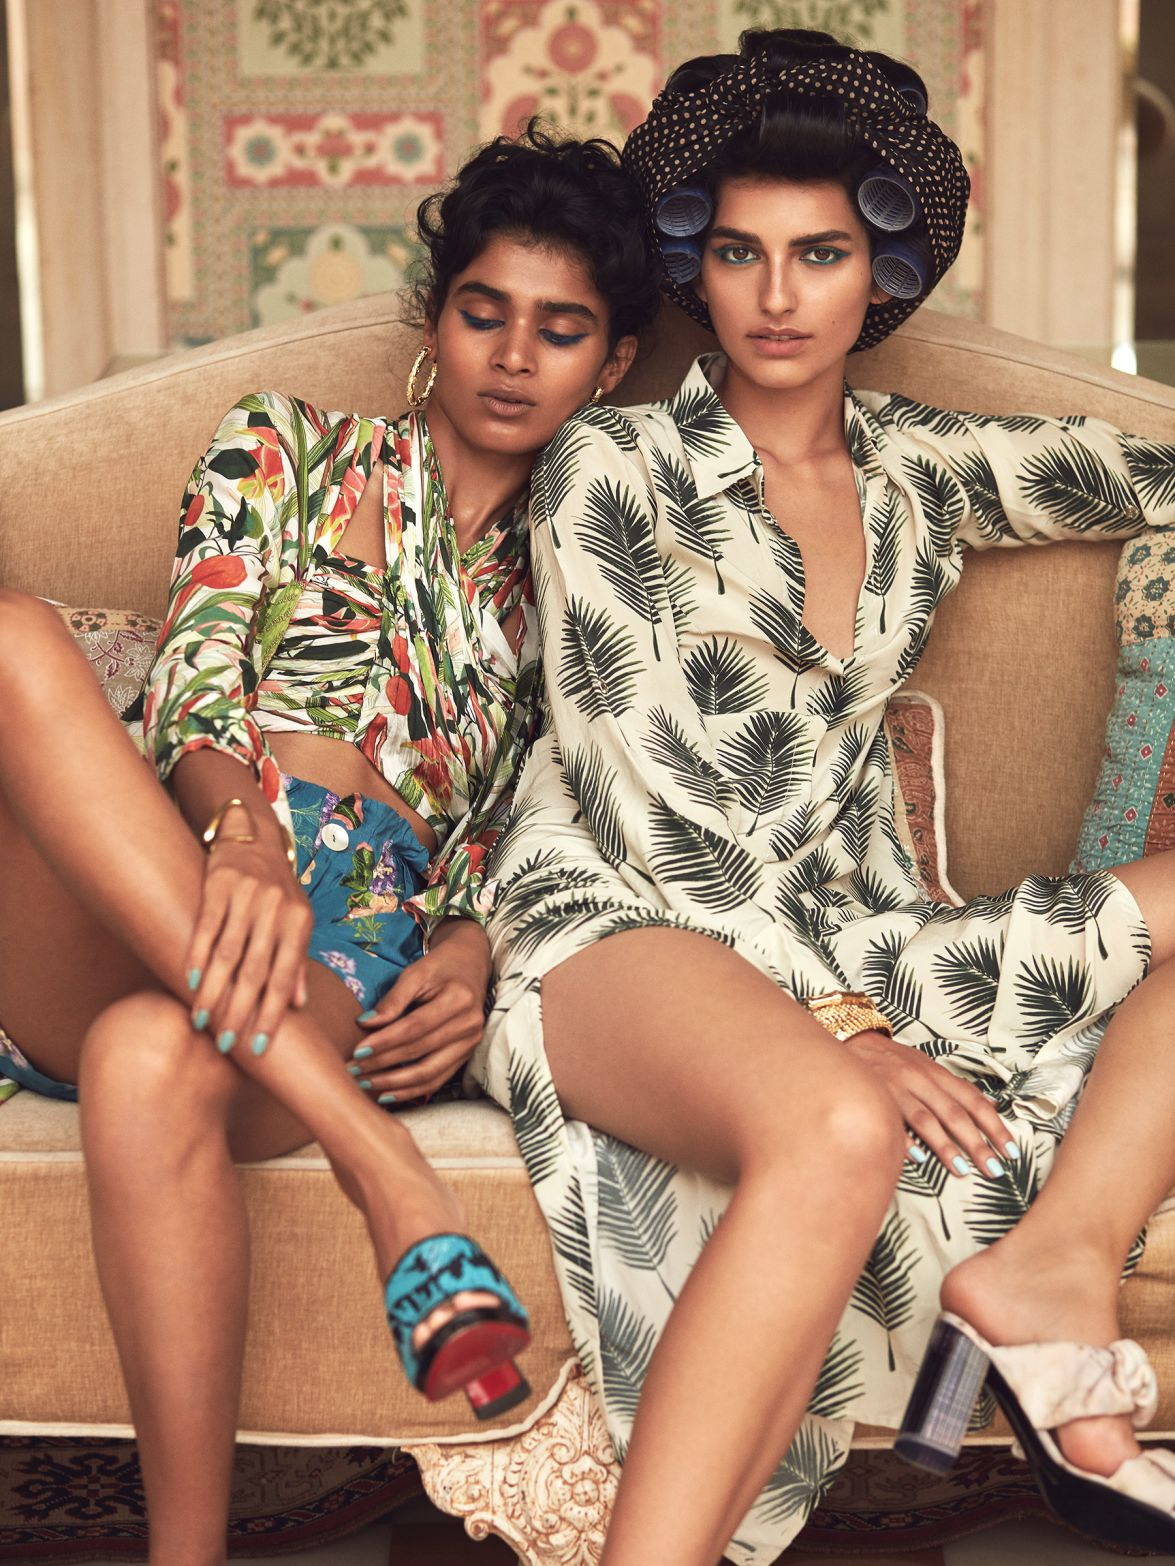 Vogue_Jai2__O8A4264_bb8vgp.jpg